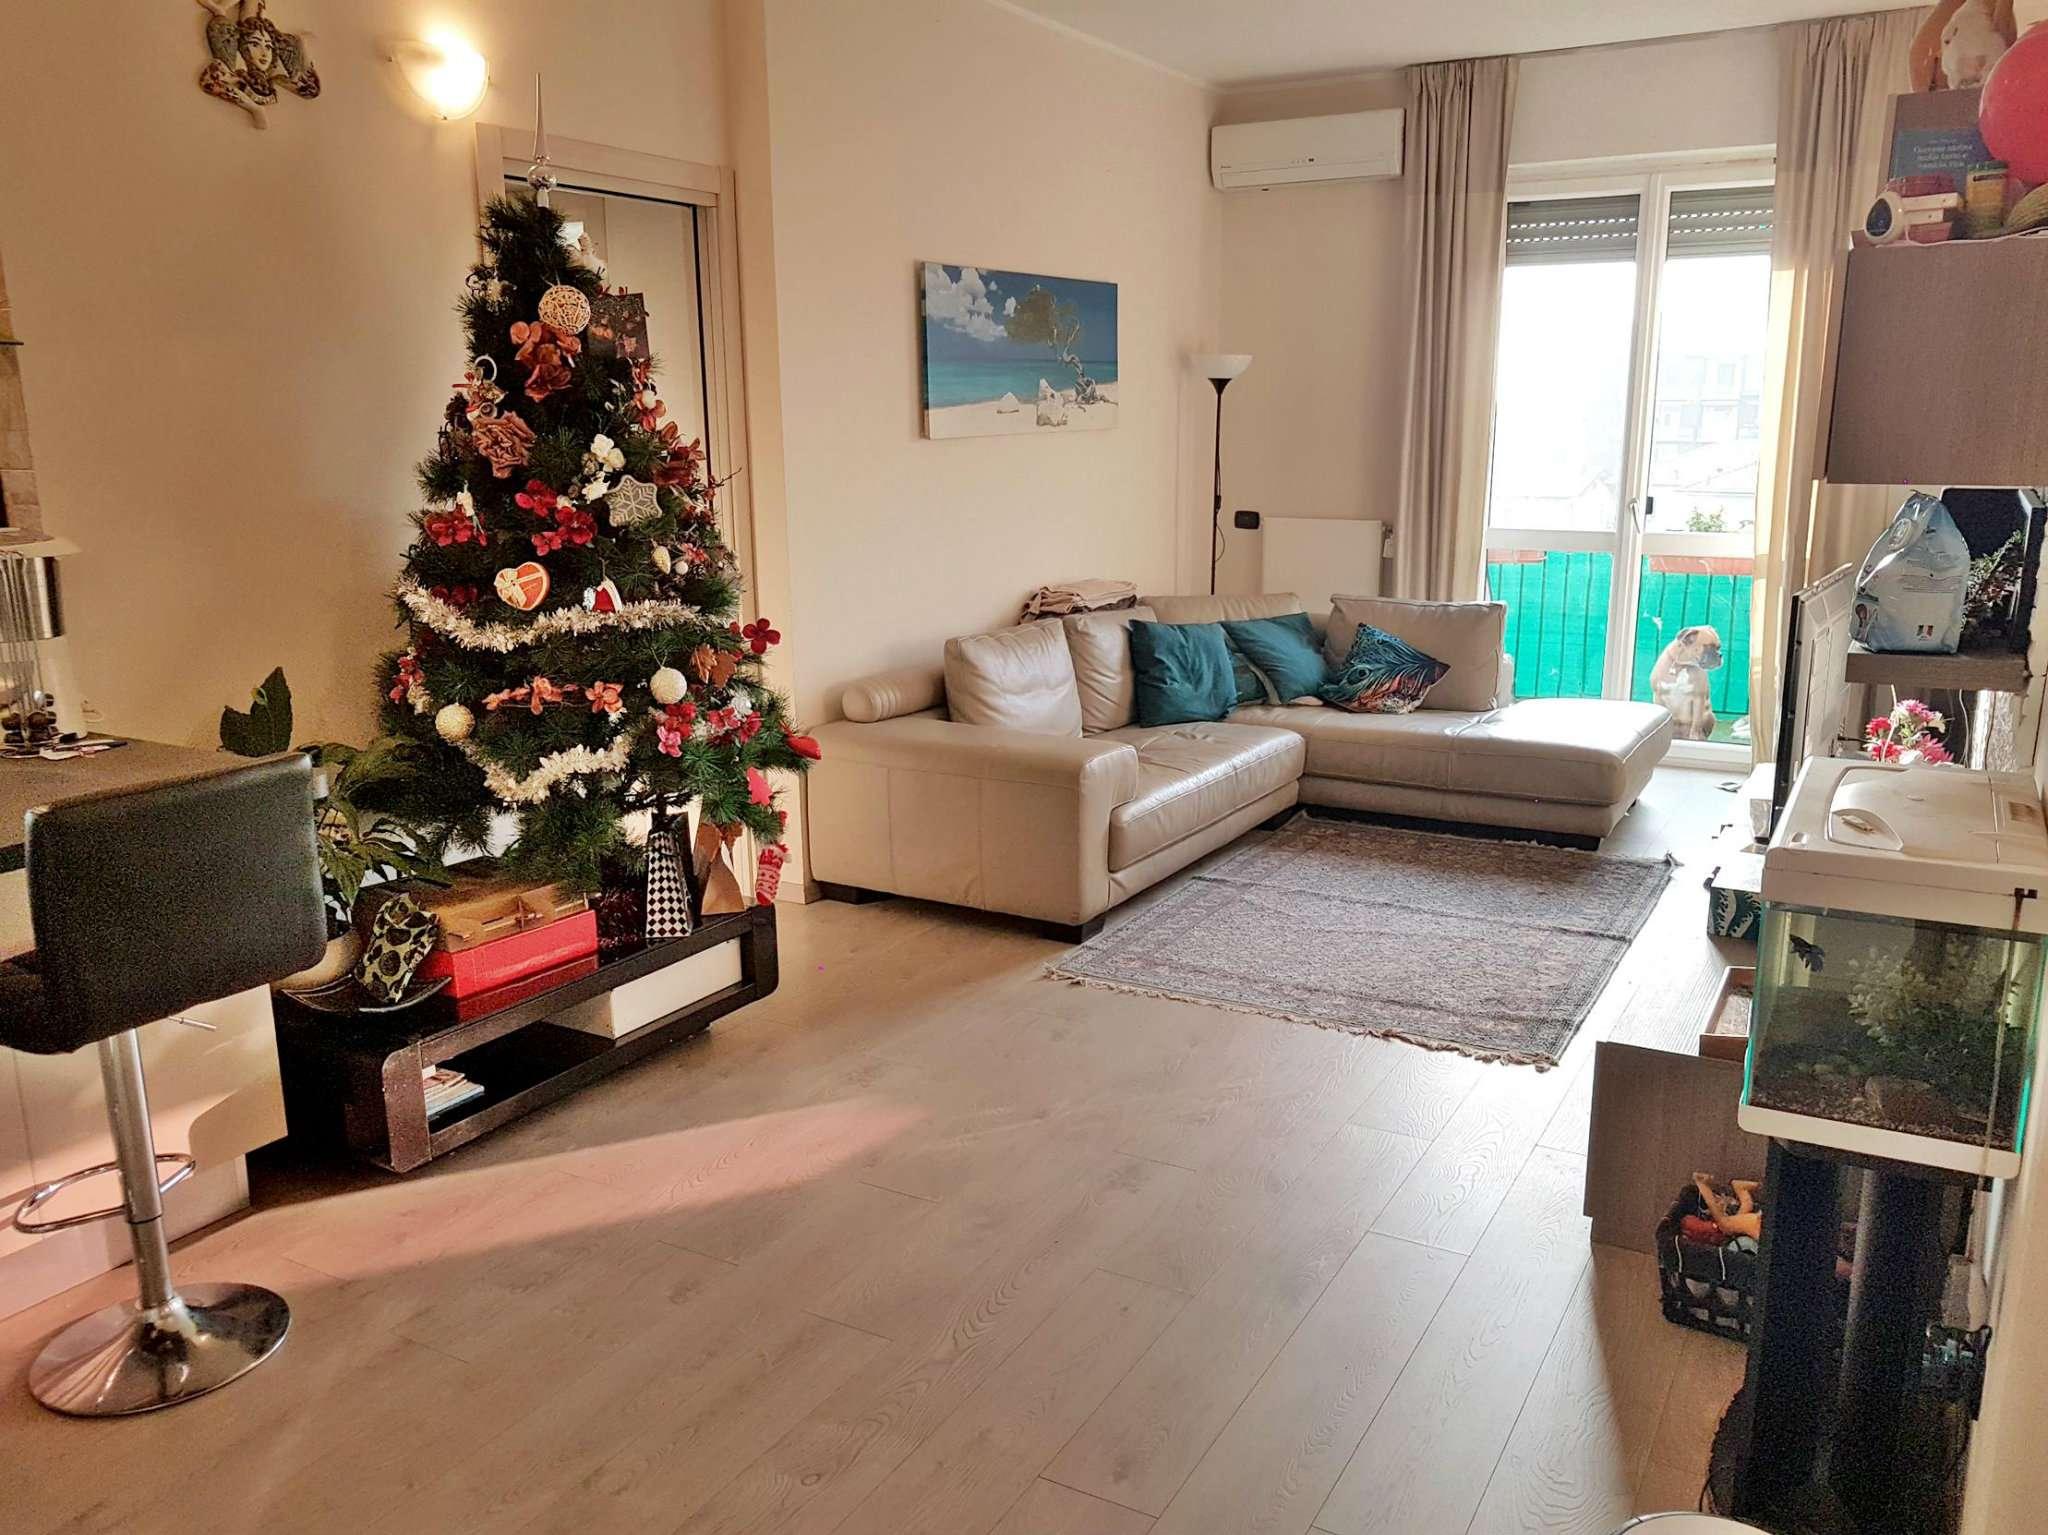 Appartamento in vendita a Saronno, 2 locali, prezzo € 149.000 | Cambio Casa.it